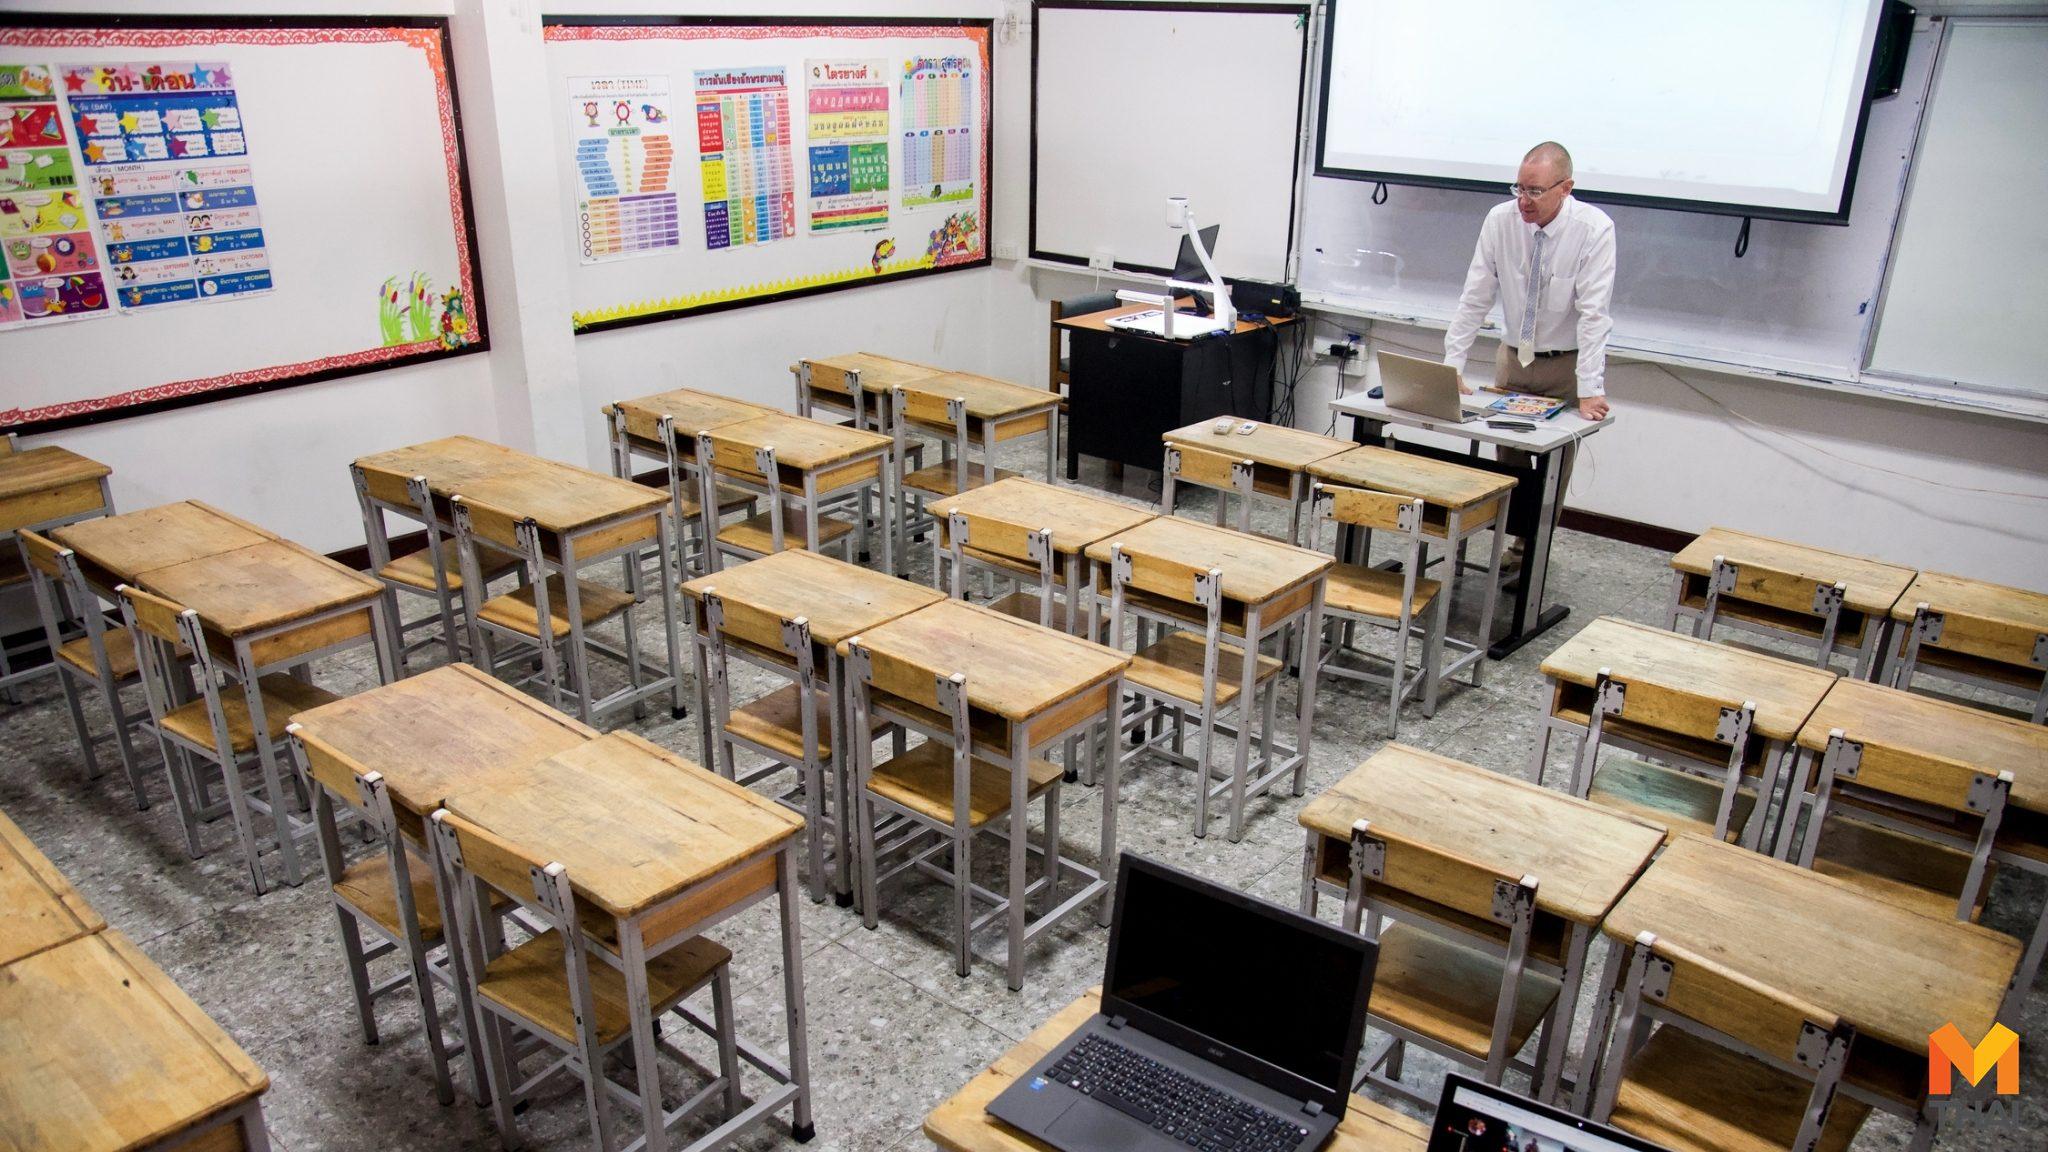 โรงเรียนราชวินิต ทดสอบระบบเรียนออนไลน์วันแรก